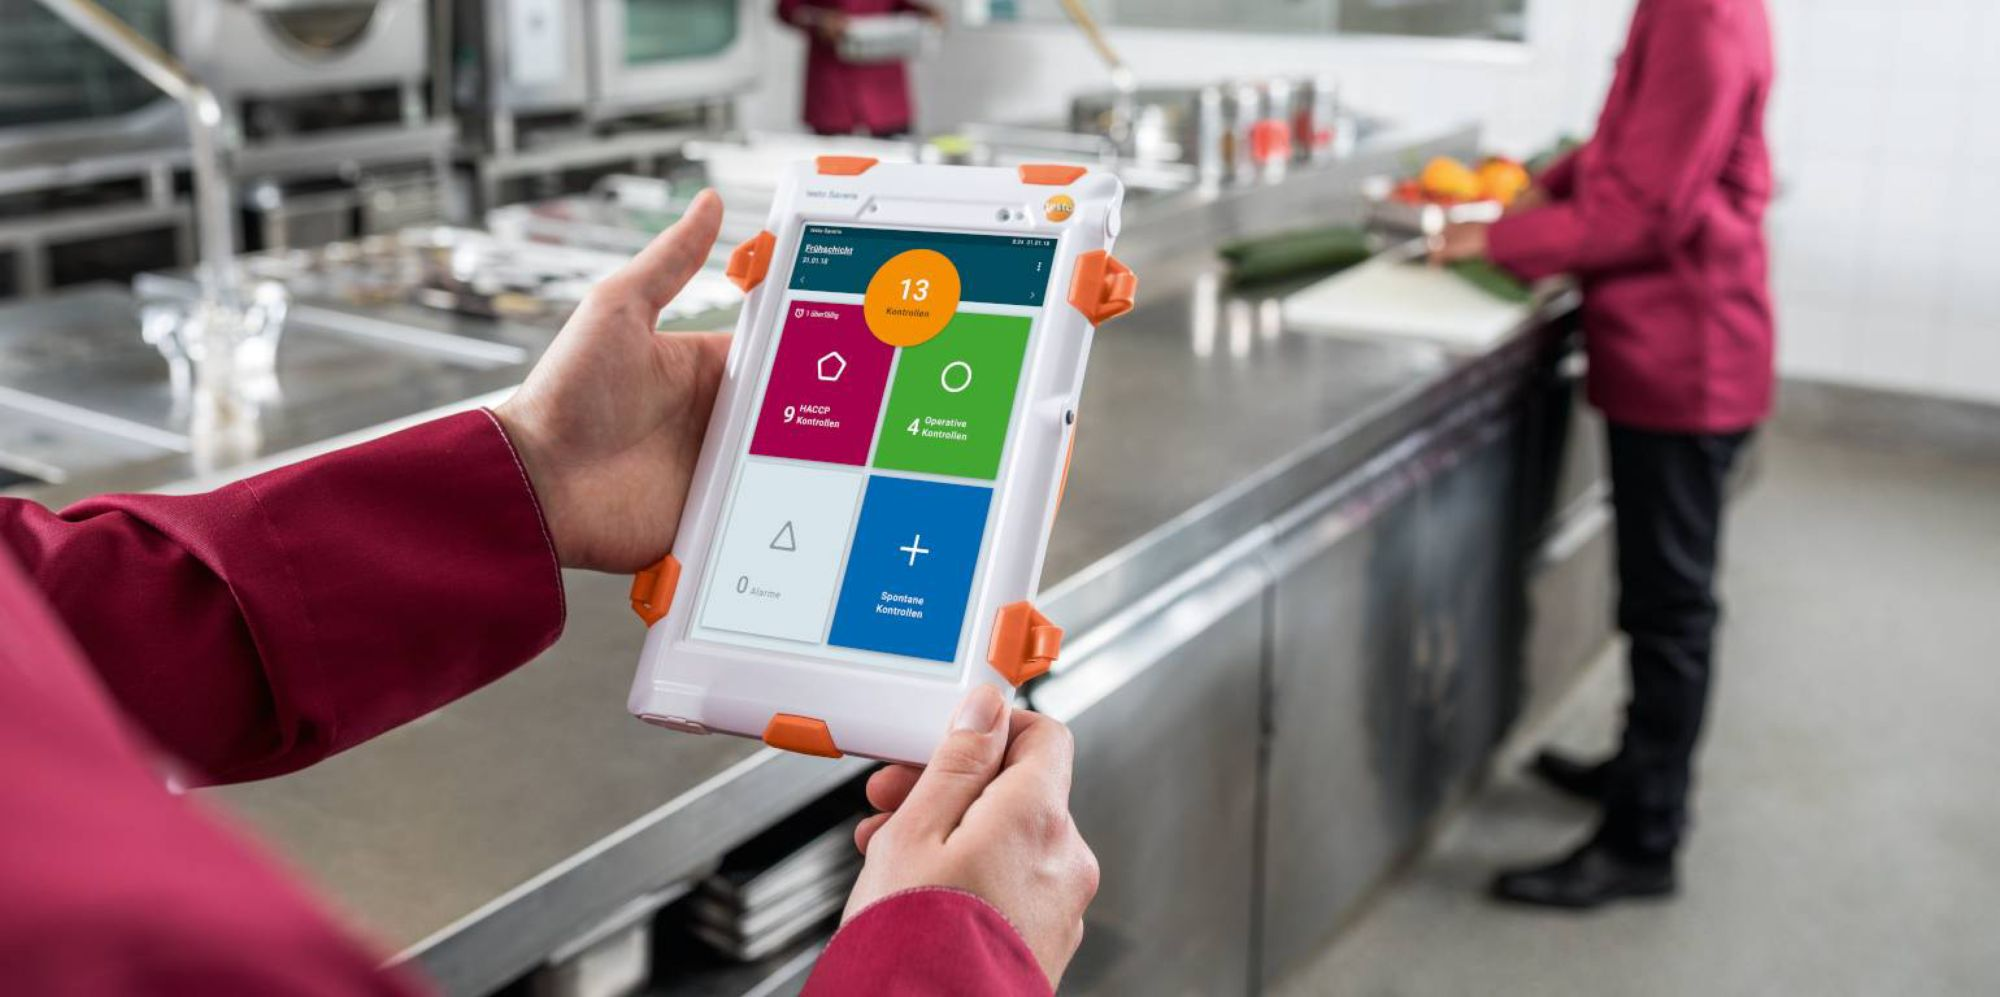 Lebensmittelsicherheit in Versorgungsbetrieben